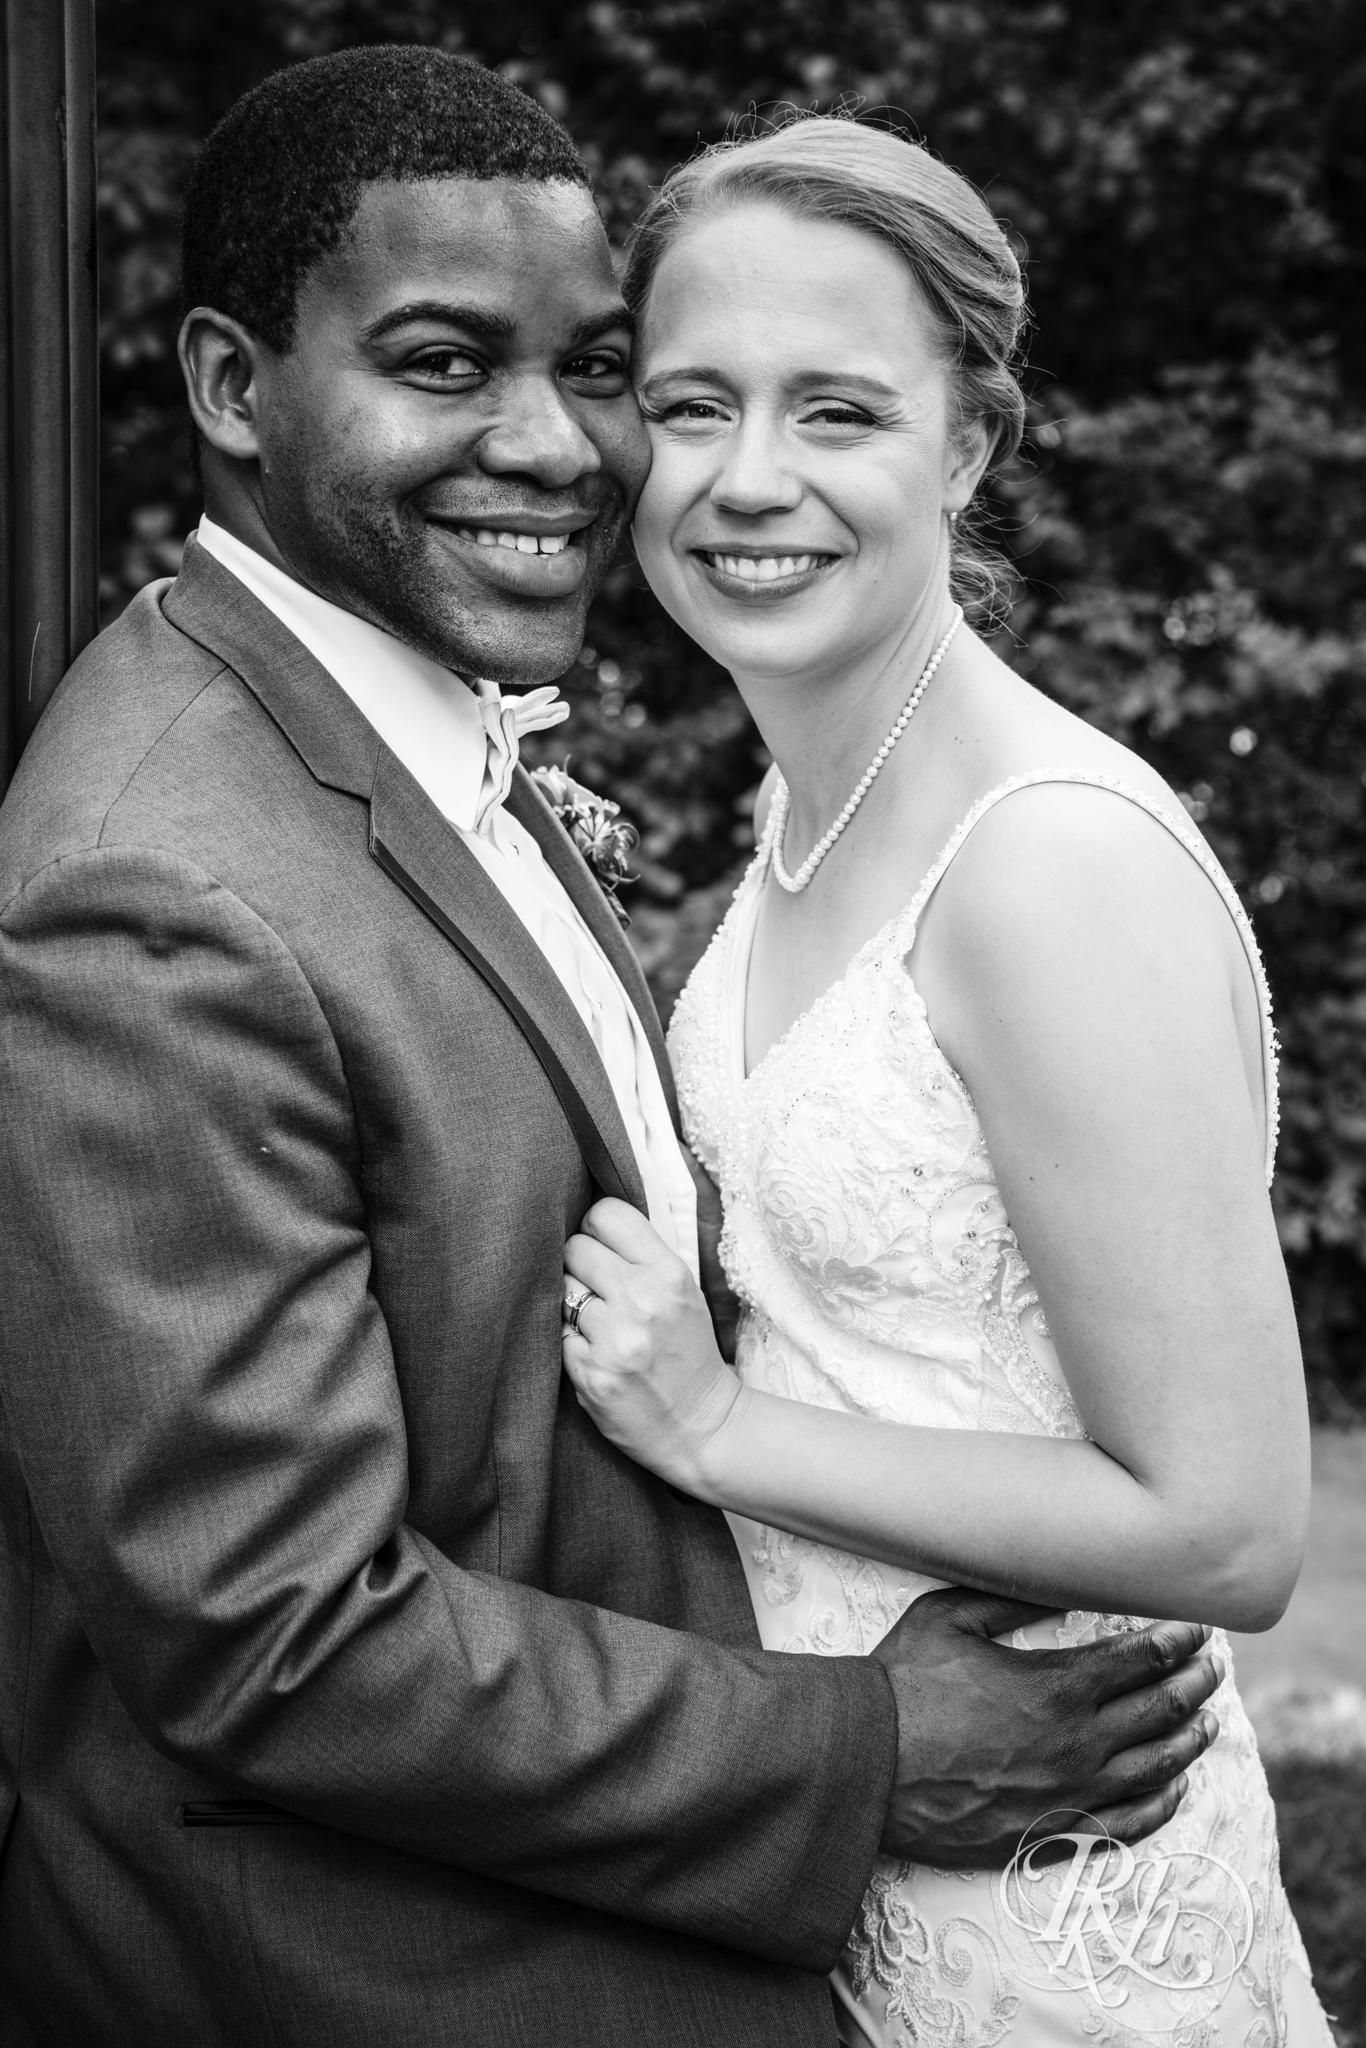 Laura and Adekunle - Minnesota Wedding Photographer - Minnesota History Center - RKH Images - Blog (33 of 75).jpg